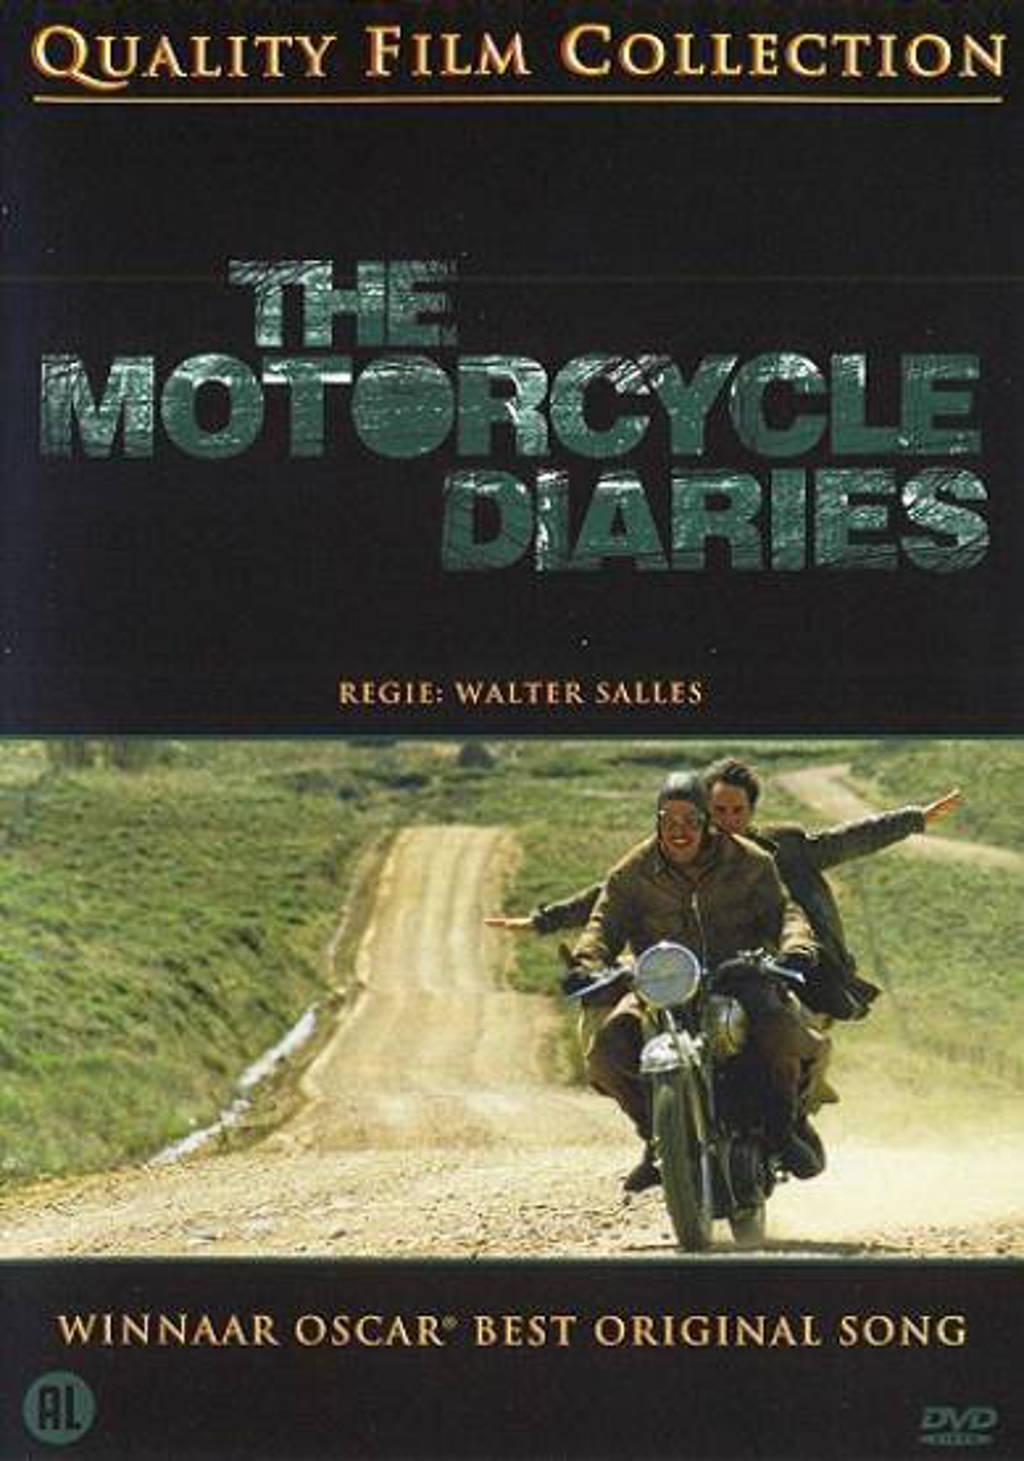 Motorcycle diaries (DVD)